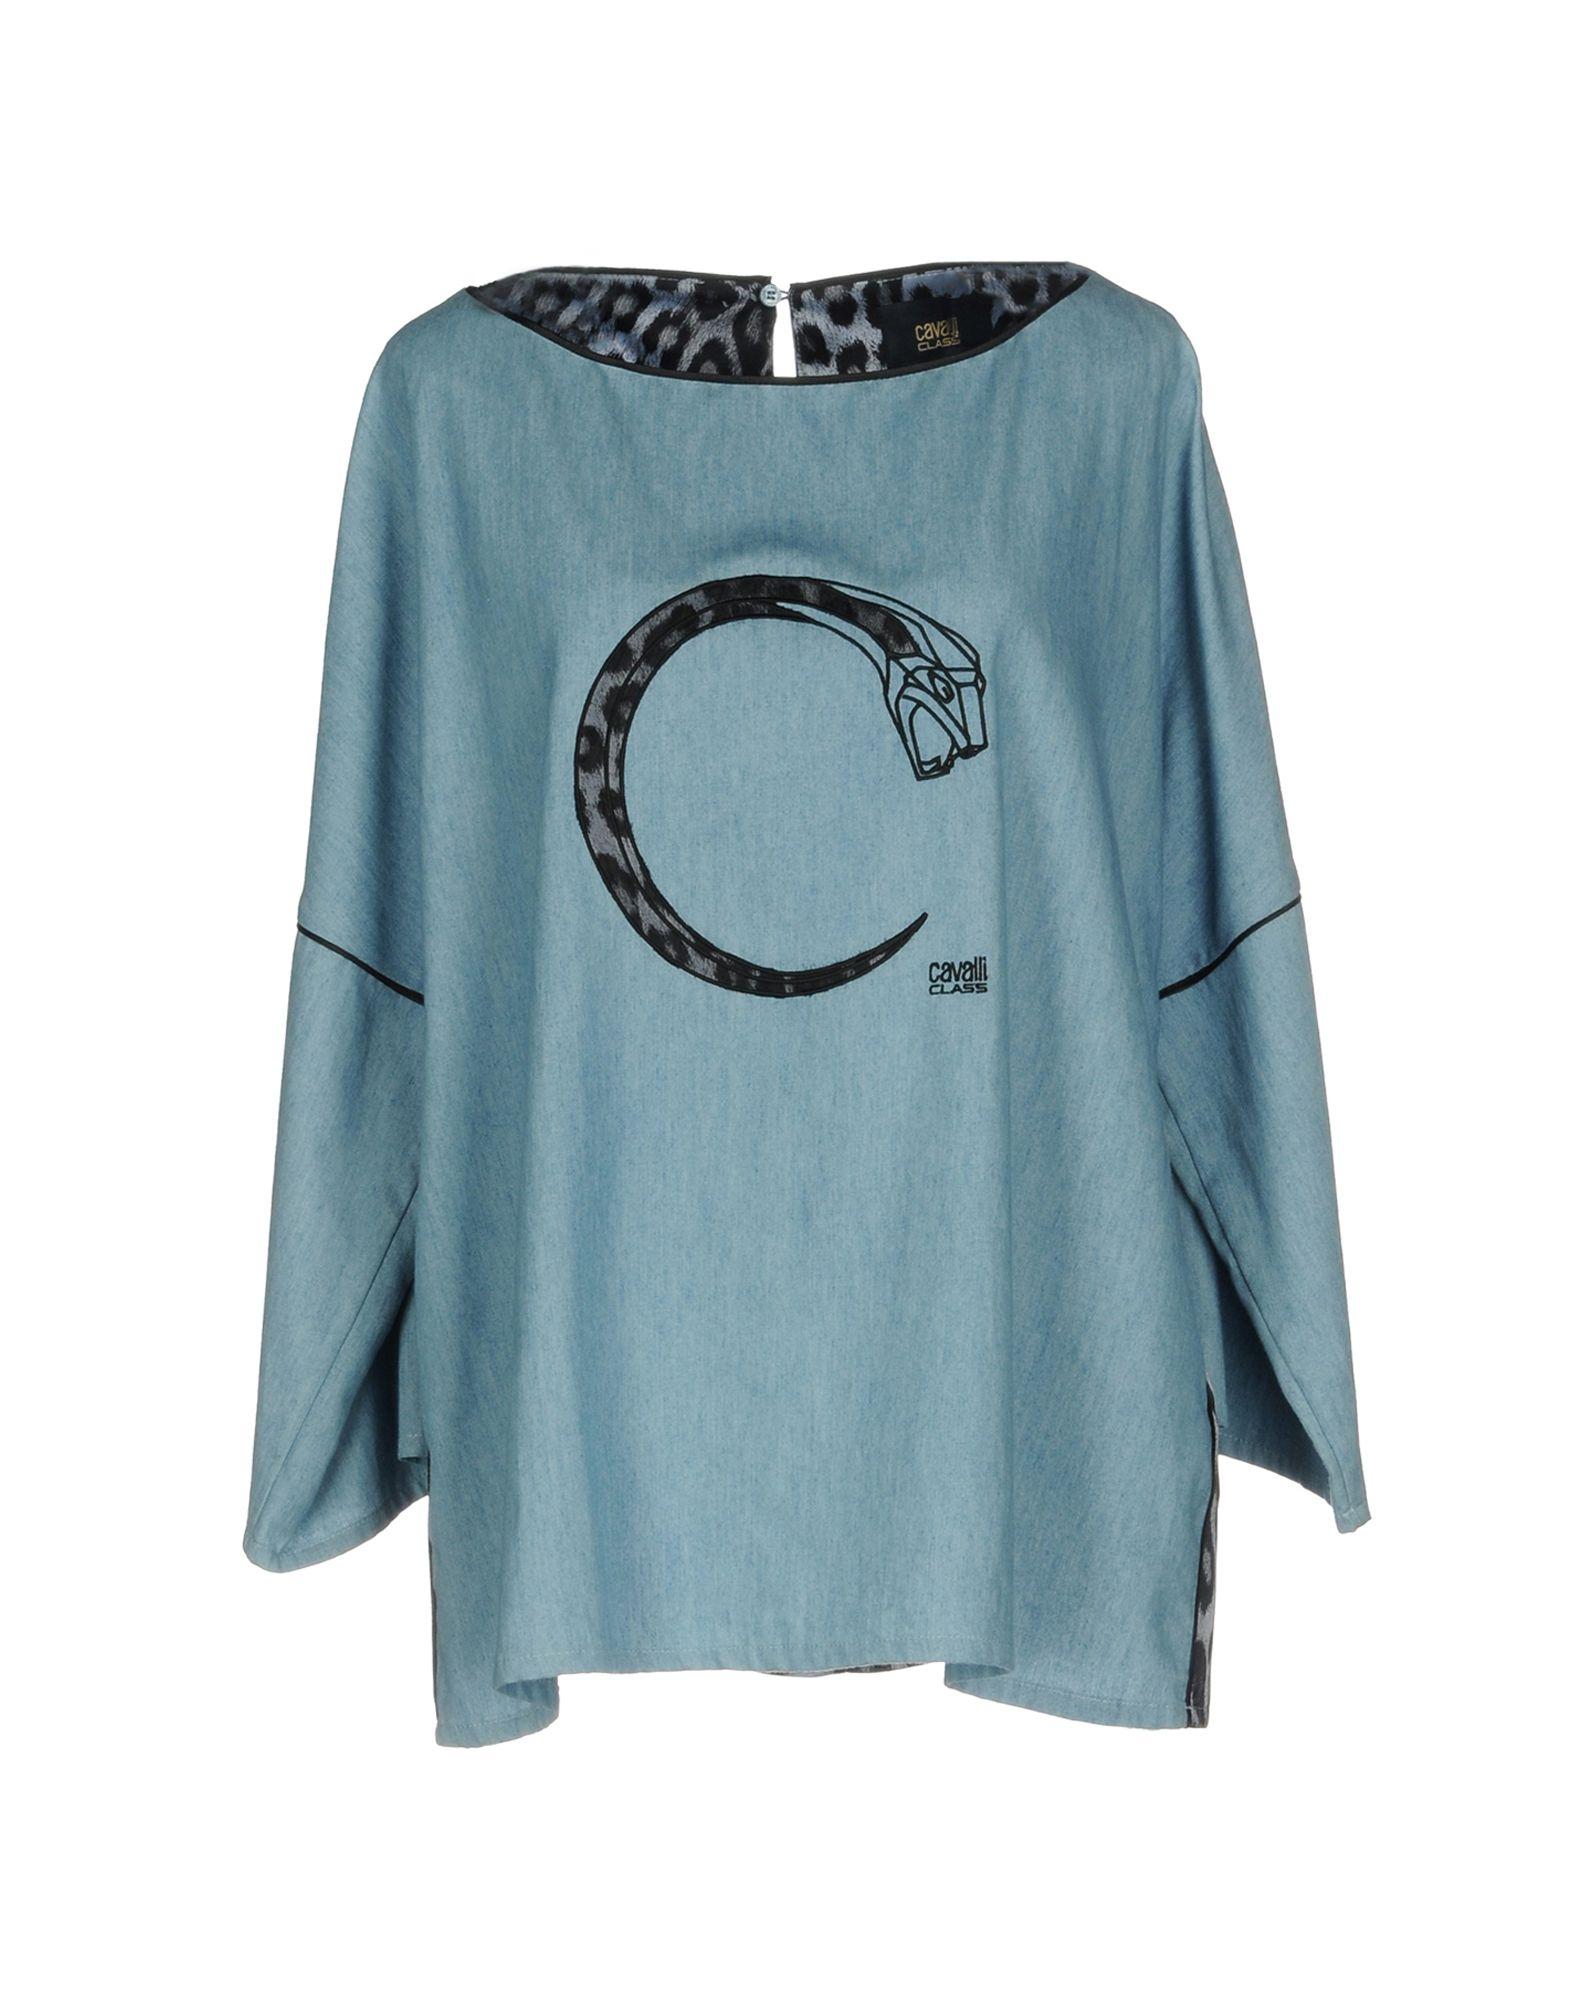 Camicia Jeans Class Roberto Cavalli Donna - Acquista online su 9CwnyZED